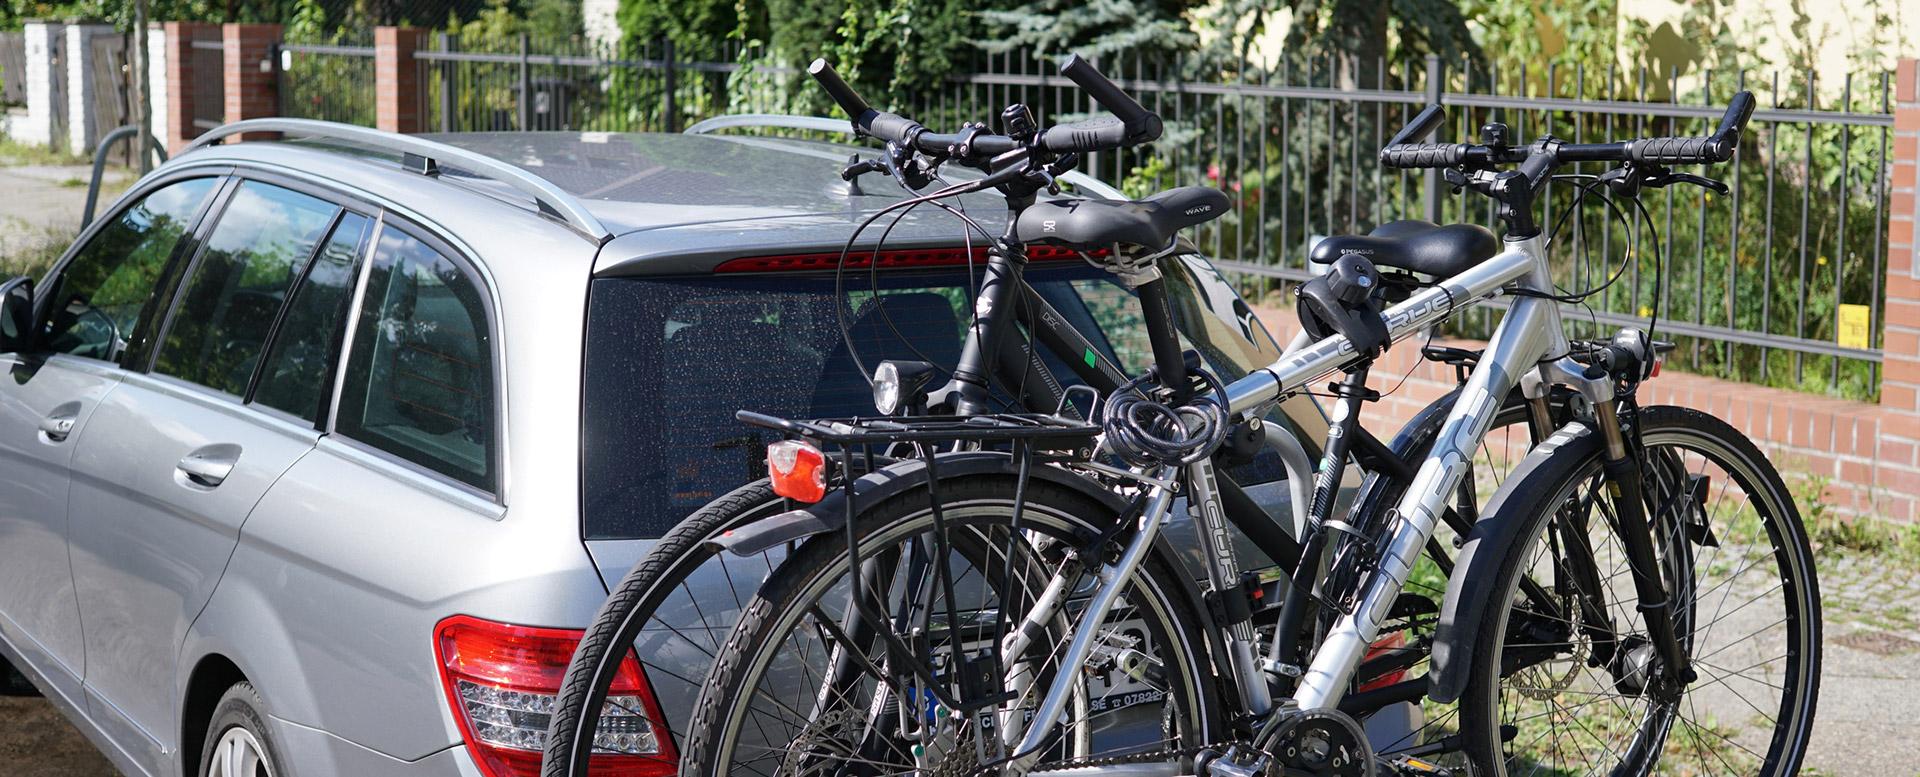 Auto packen - Heckträger für Fahrräder